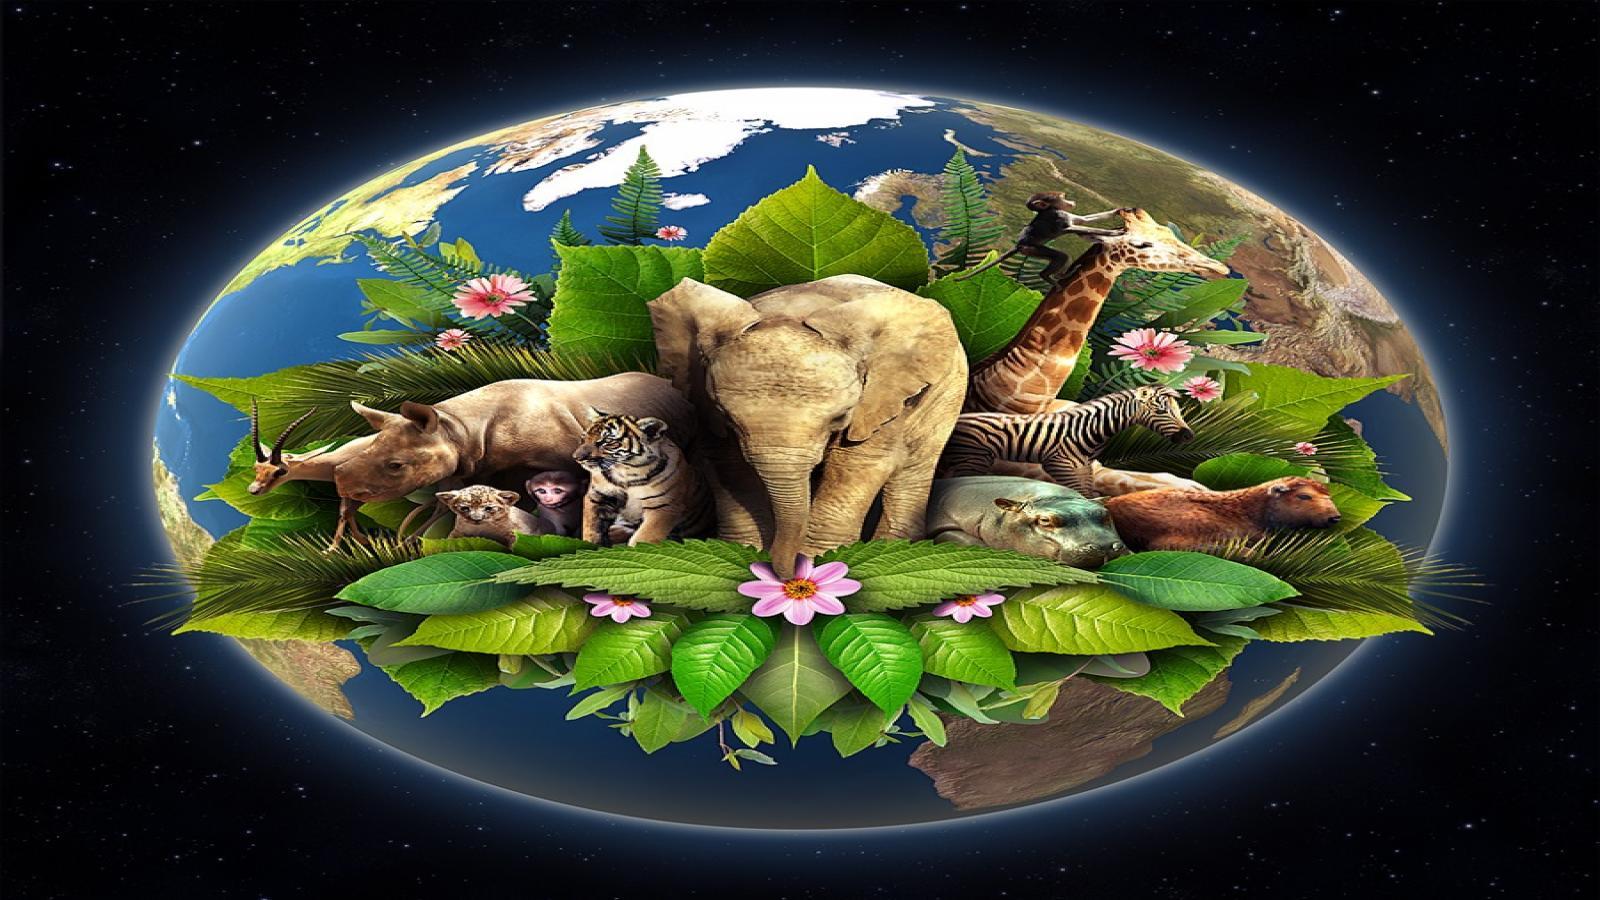 животные планеты земля картинки носили колокольчики полумесяцы